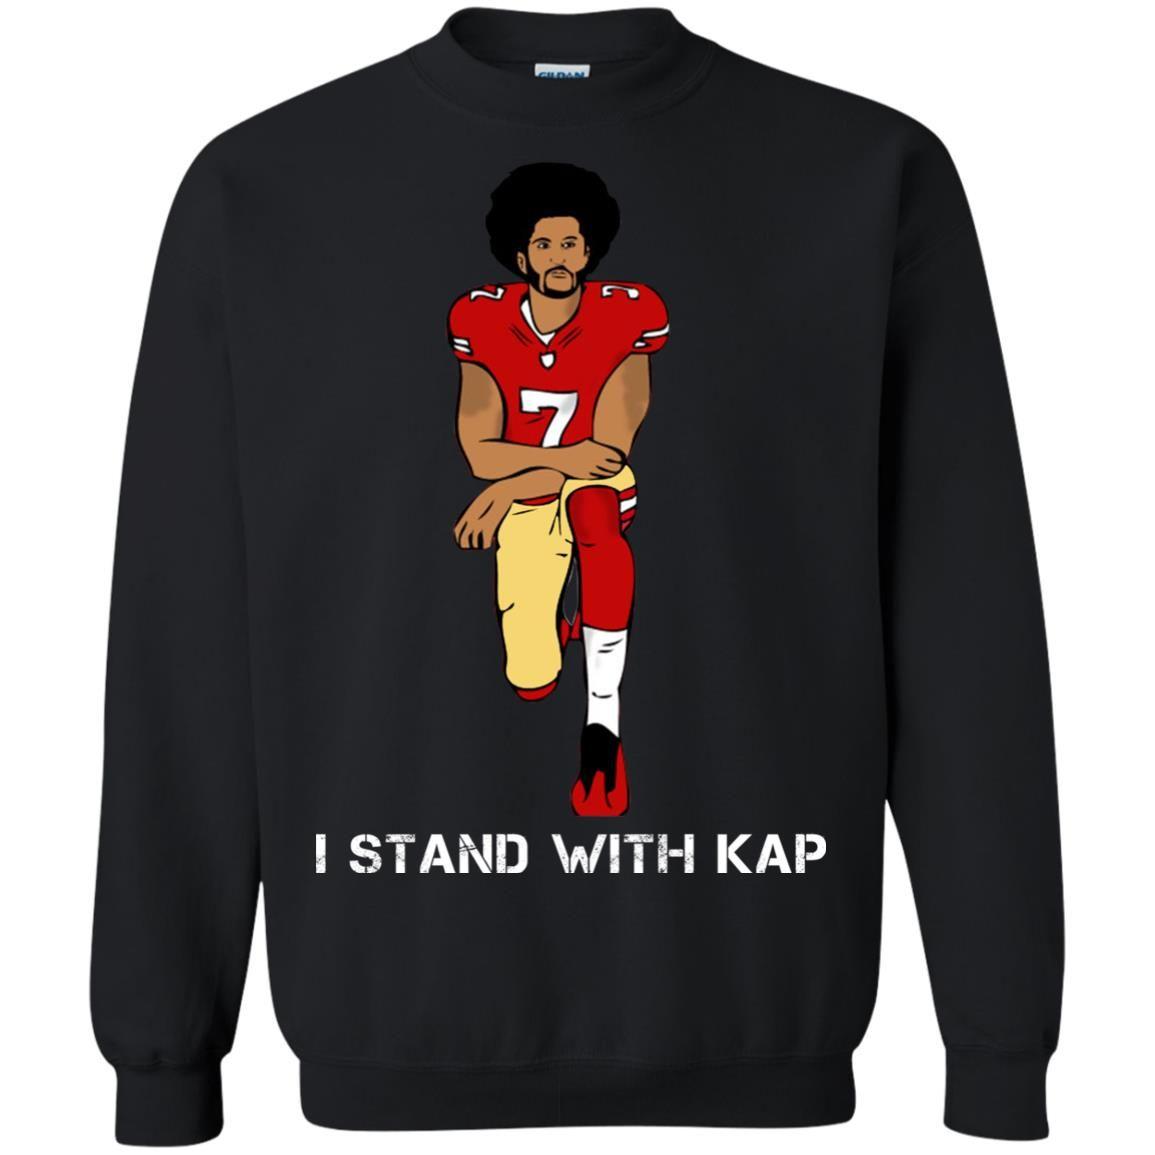 image 1940 - I stand with Kap shirt, hoodie